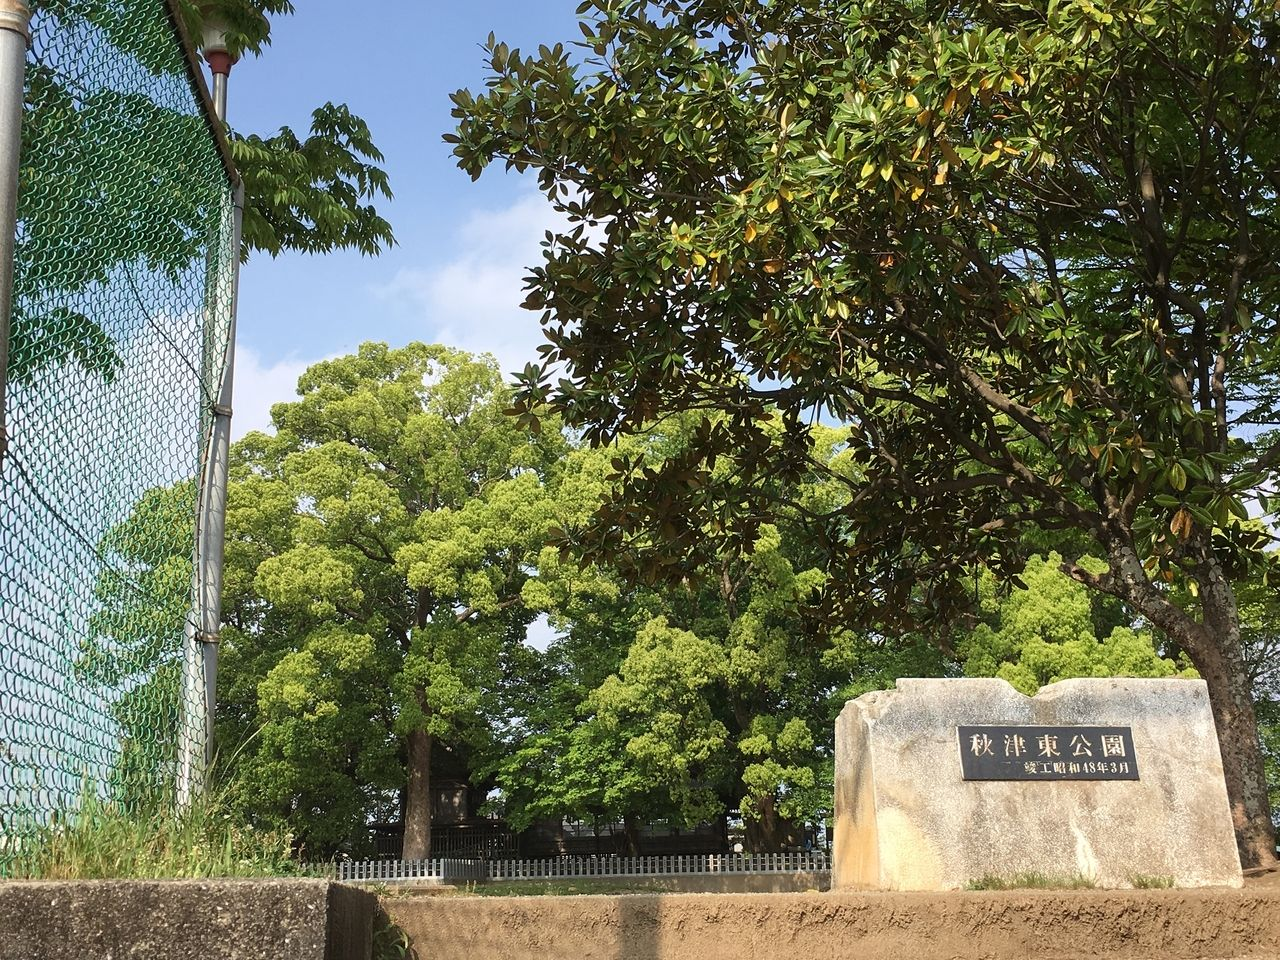 熊本市東区にある秋津東公園は広くて開放感のある公園です。